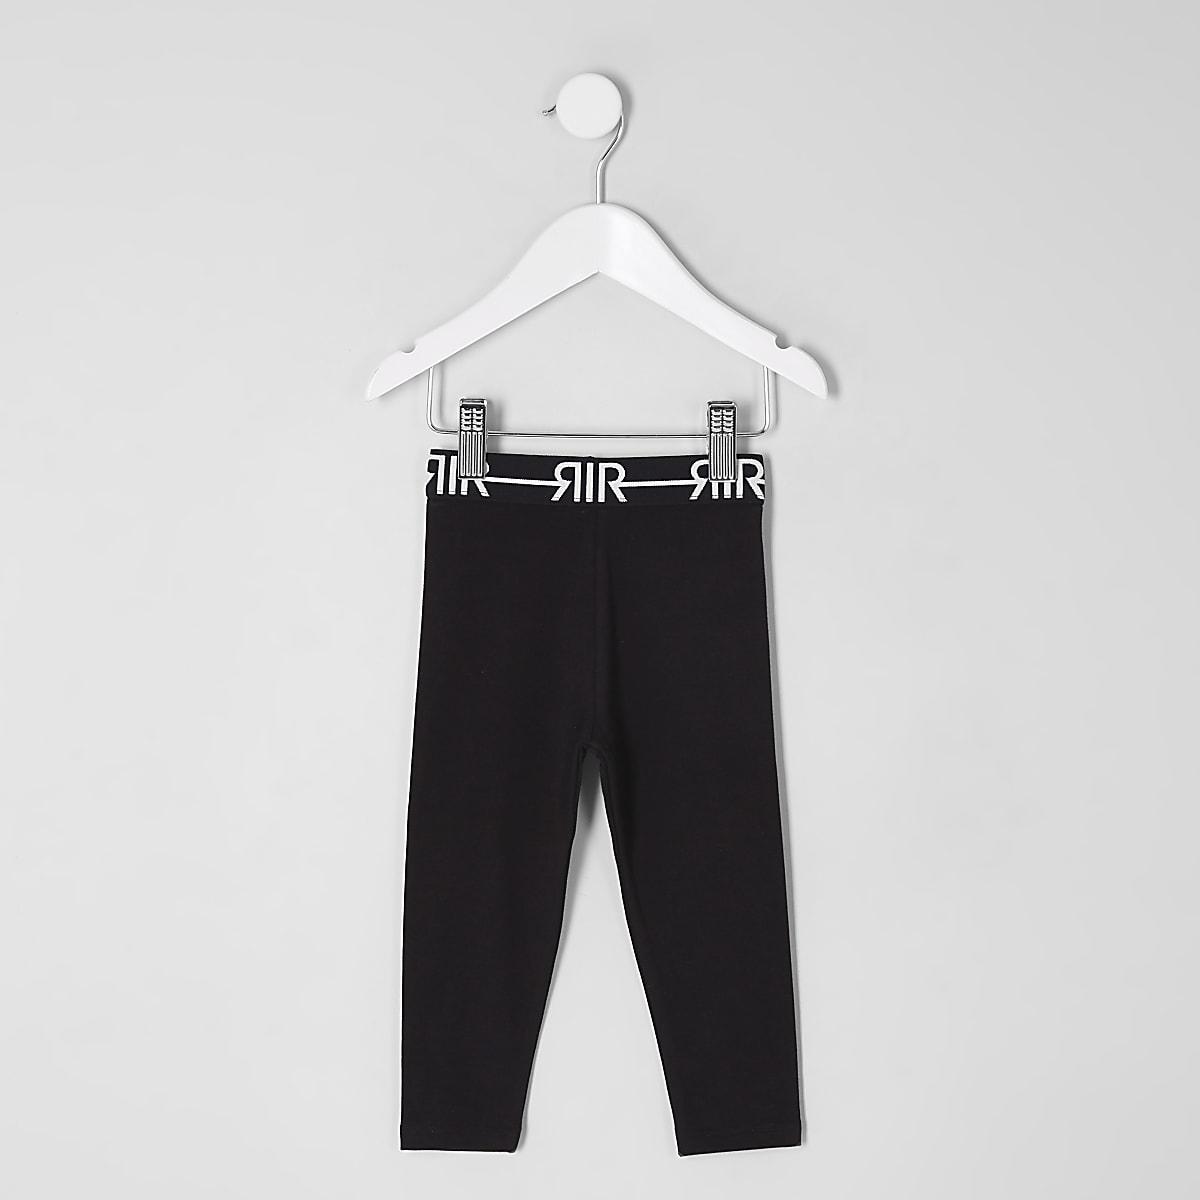 Mini - Zwarte legging met RI-logo voor meisjes